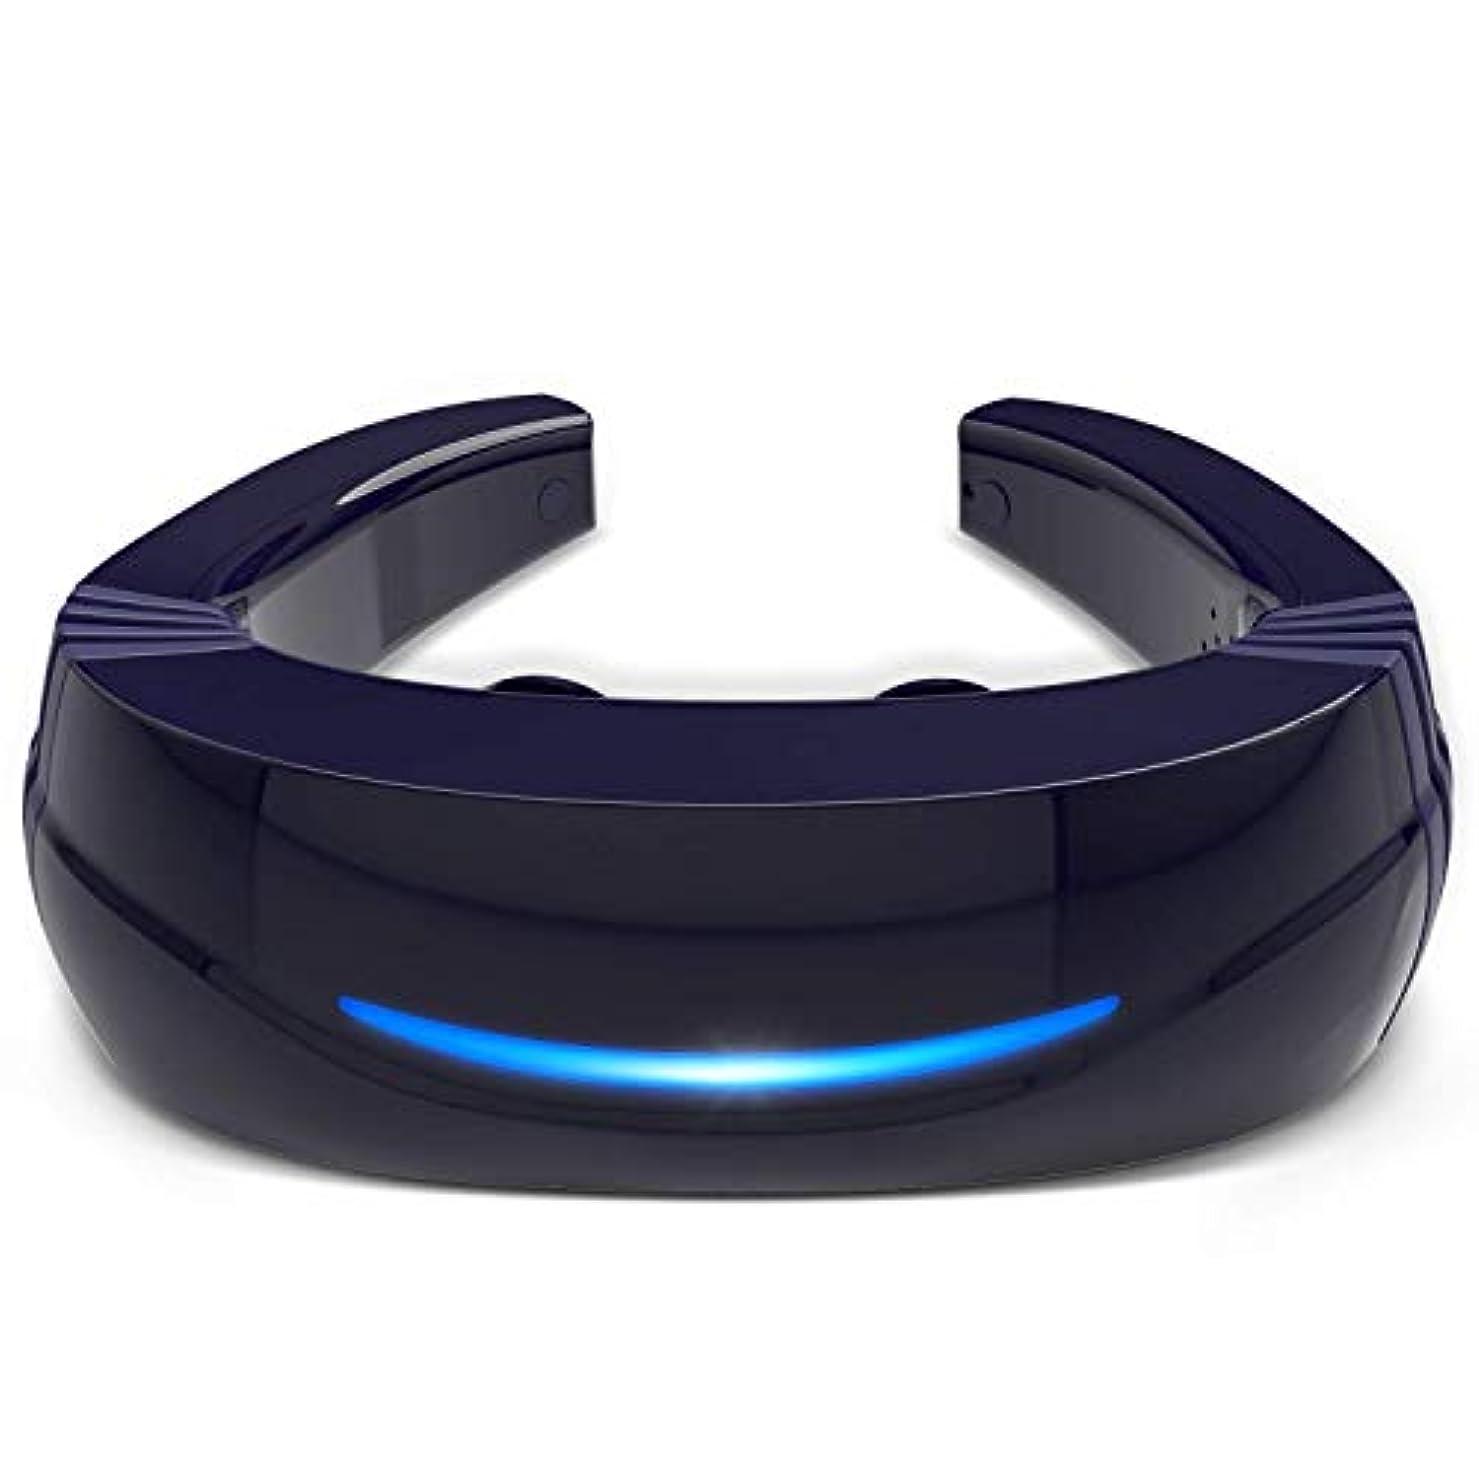 吐く正午ポップHipoo ネックマッサージャー 首マッサージ 低周波 マッサージ器 ストレス解消 USB充電式 日本語説明書 電極パッド2つ付き 音声式